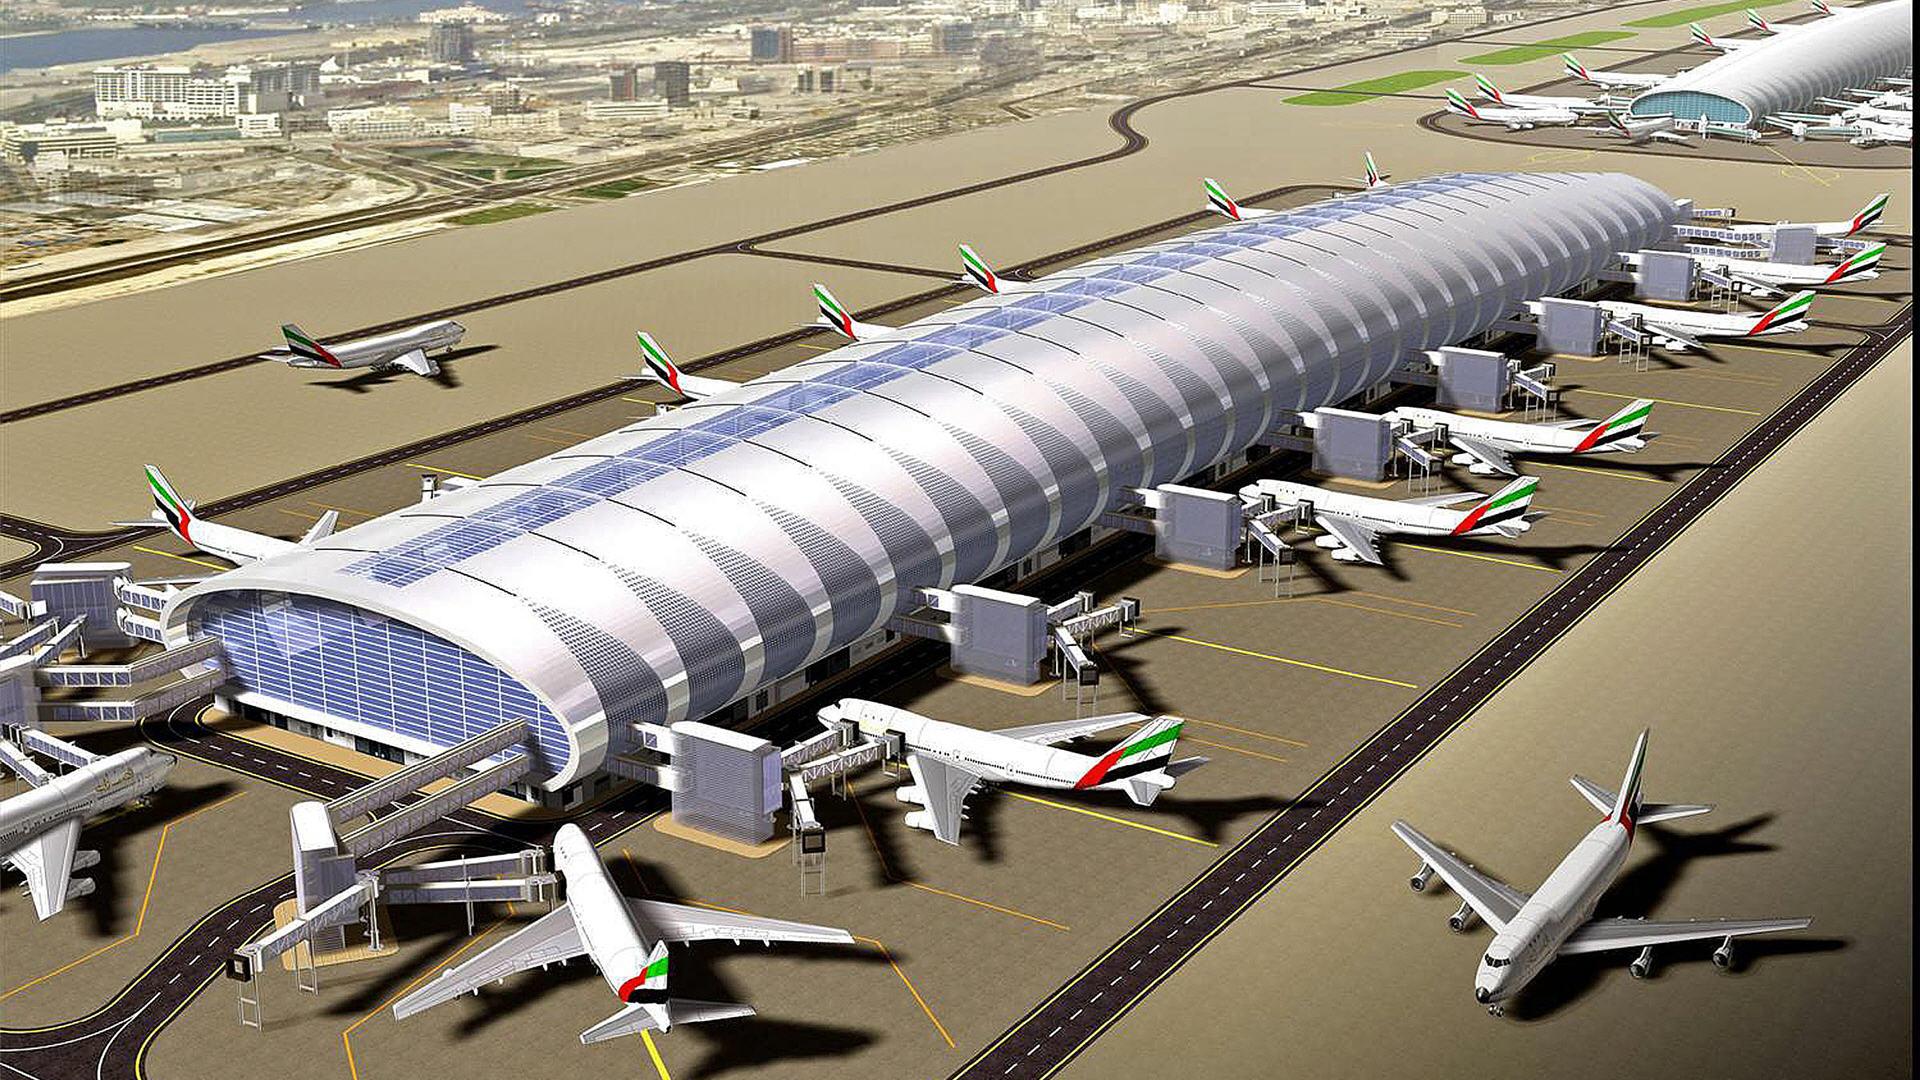 Architecture Free Airports Dubai Internati 490711 Wallpaper